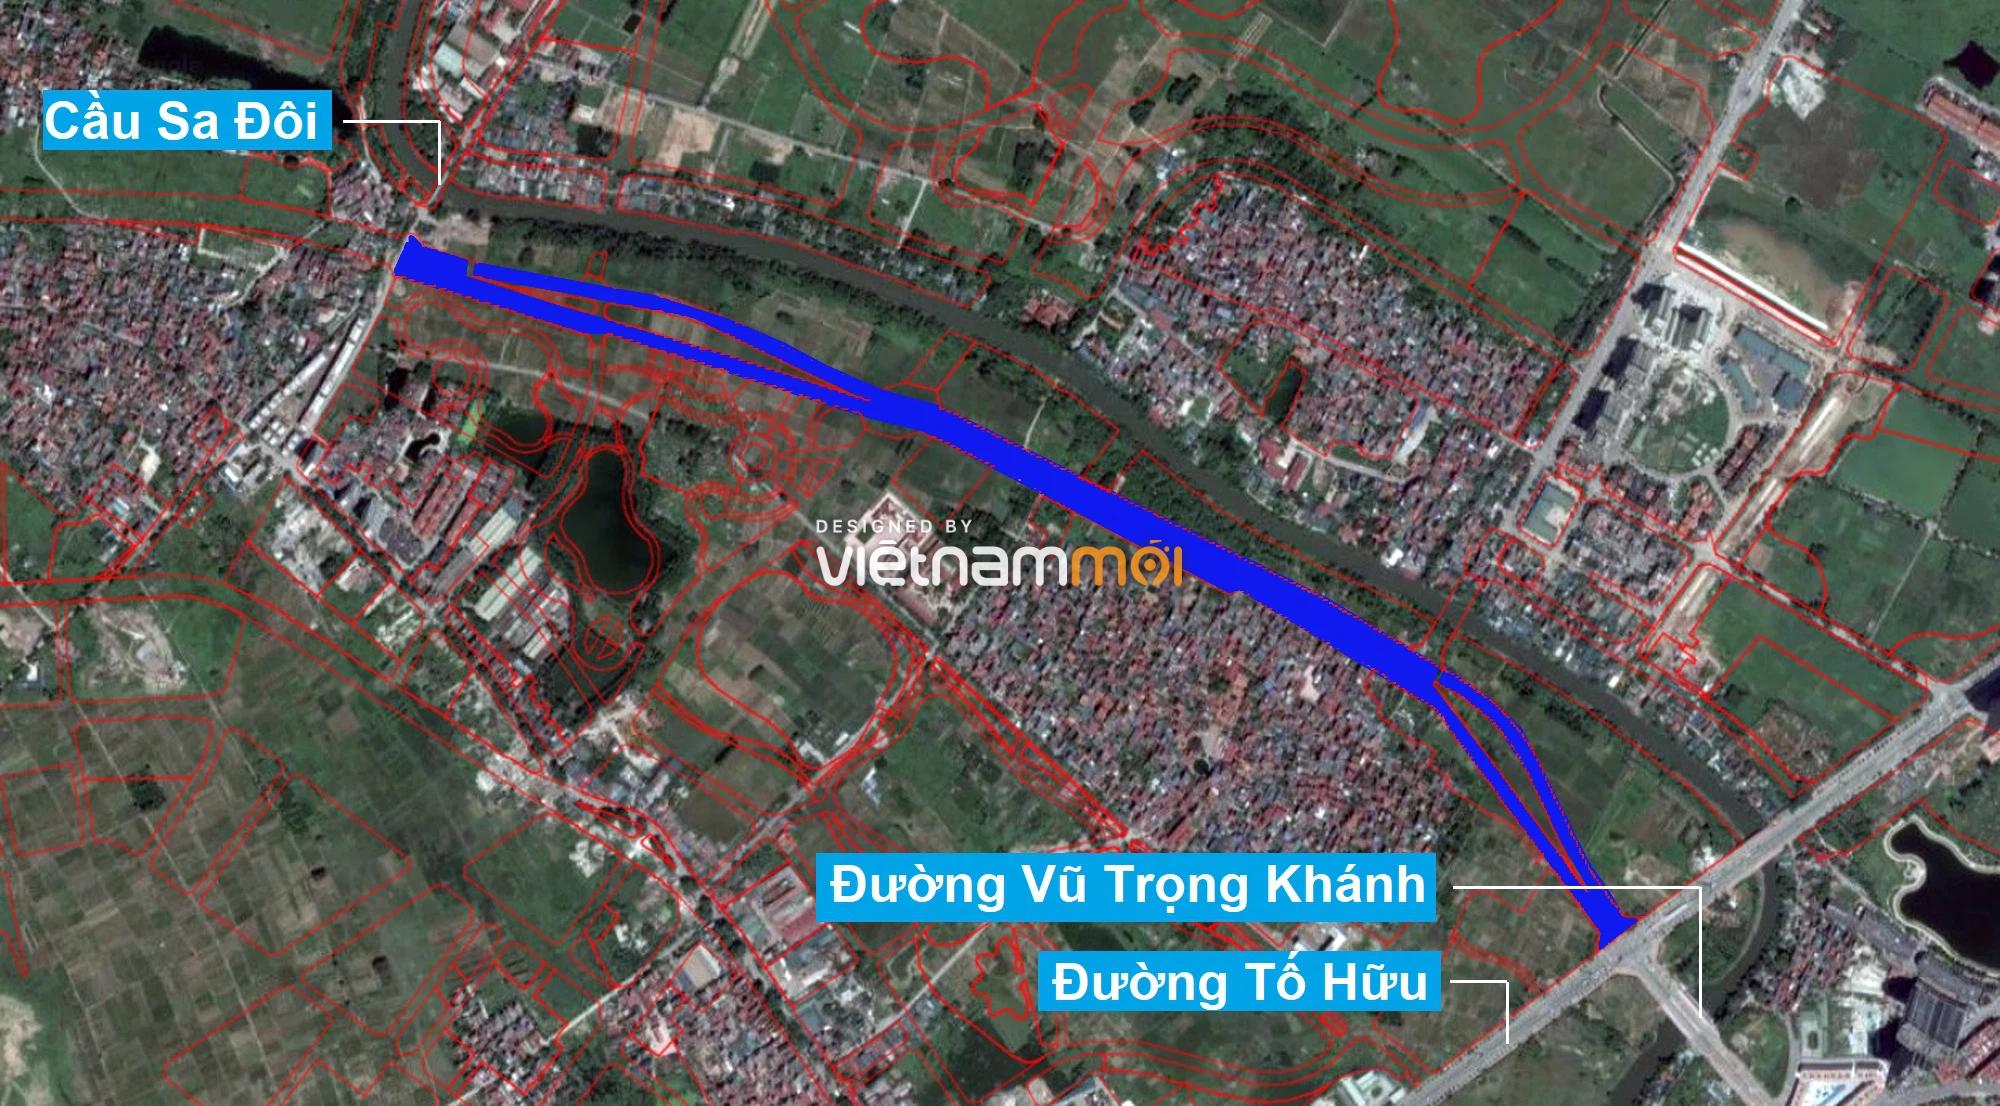 Những khu đất sắp thu hồi để mở đường ở phường Đại Mỗ, Nam Từ Liêm, Hà Nội (phần 2) - Ảnh 2.